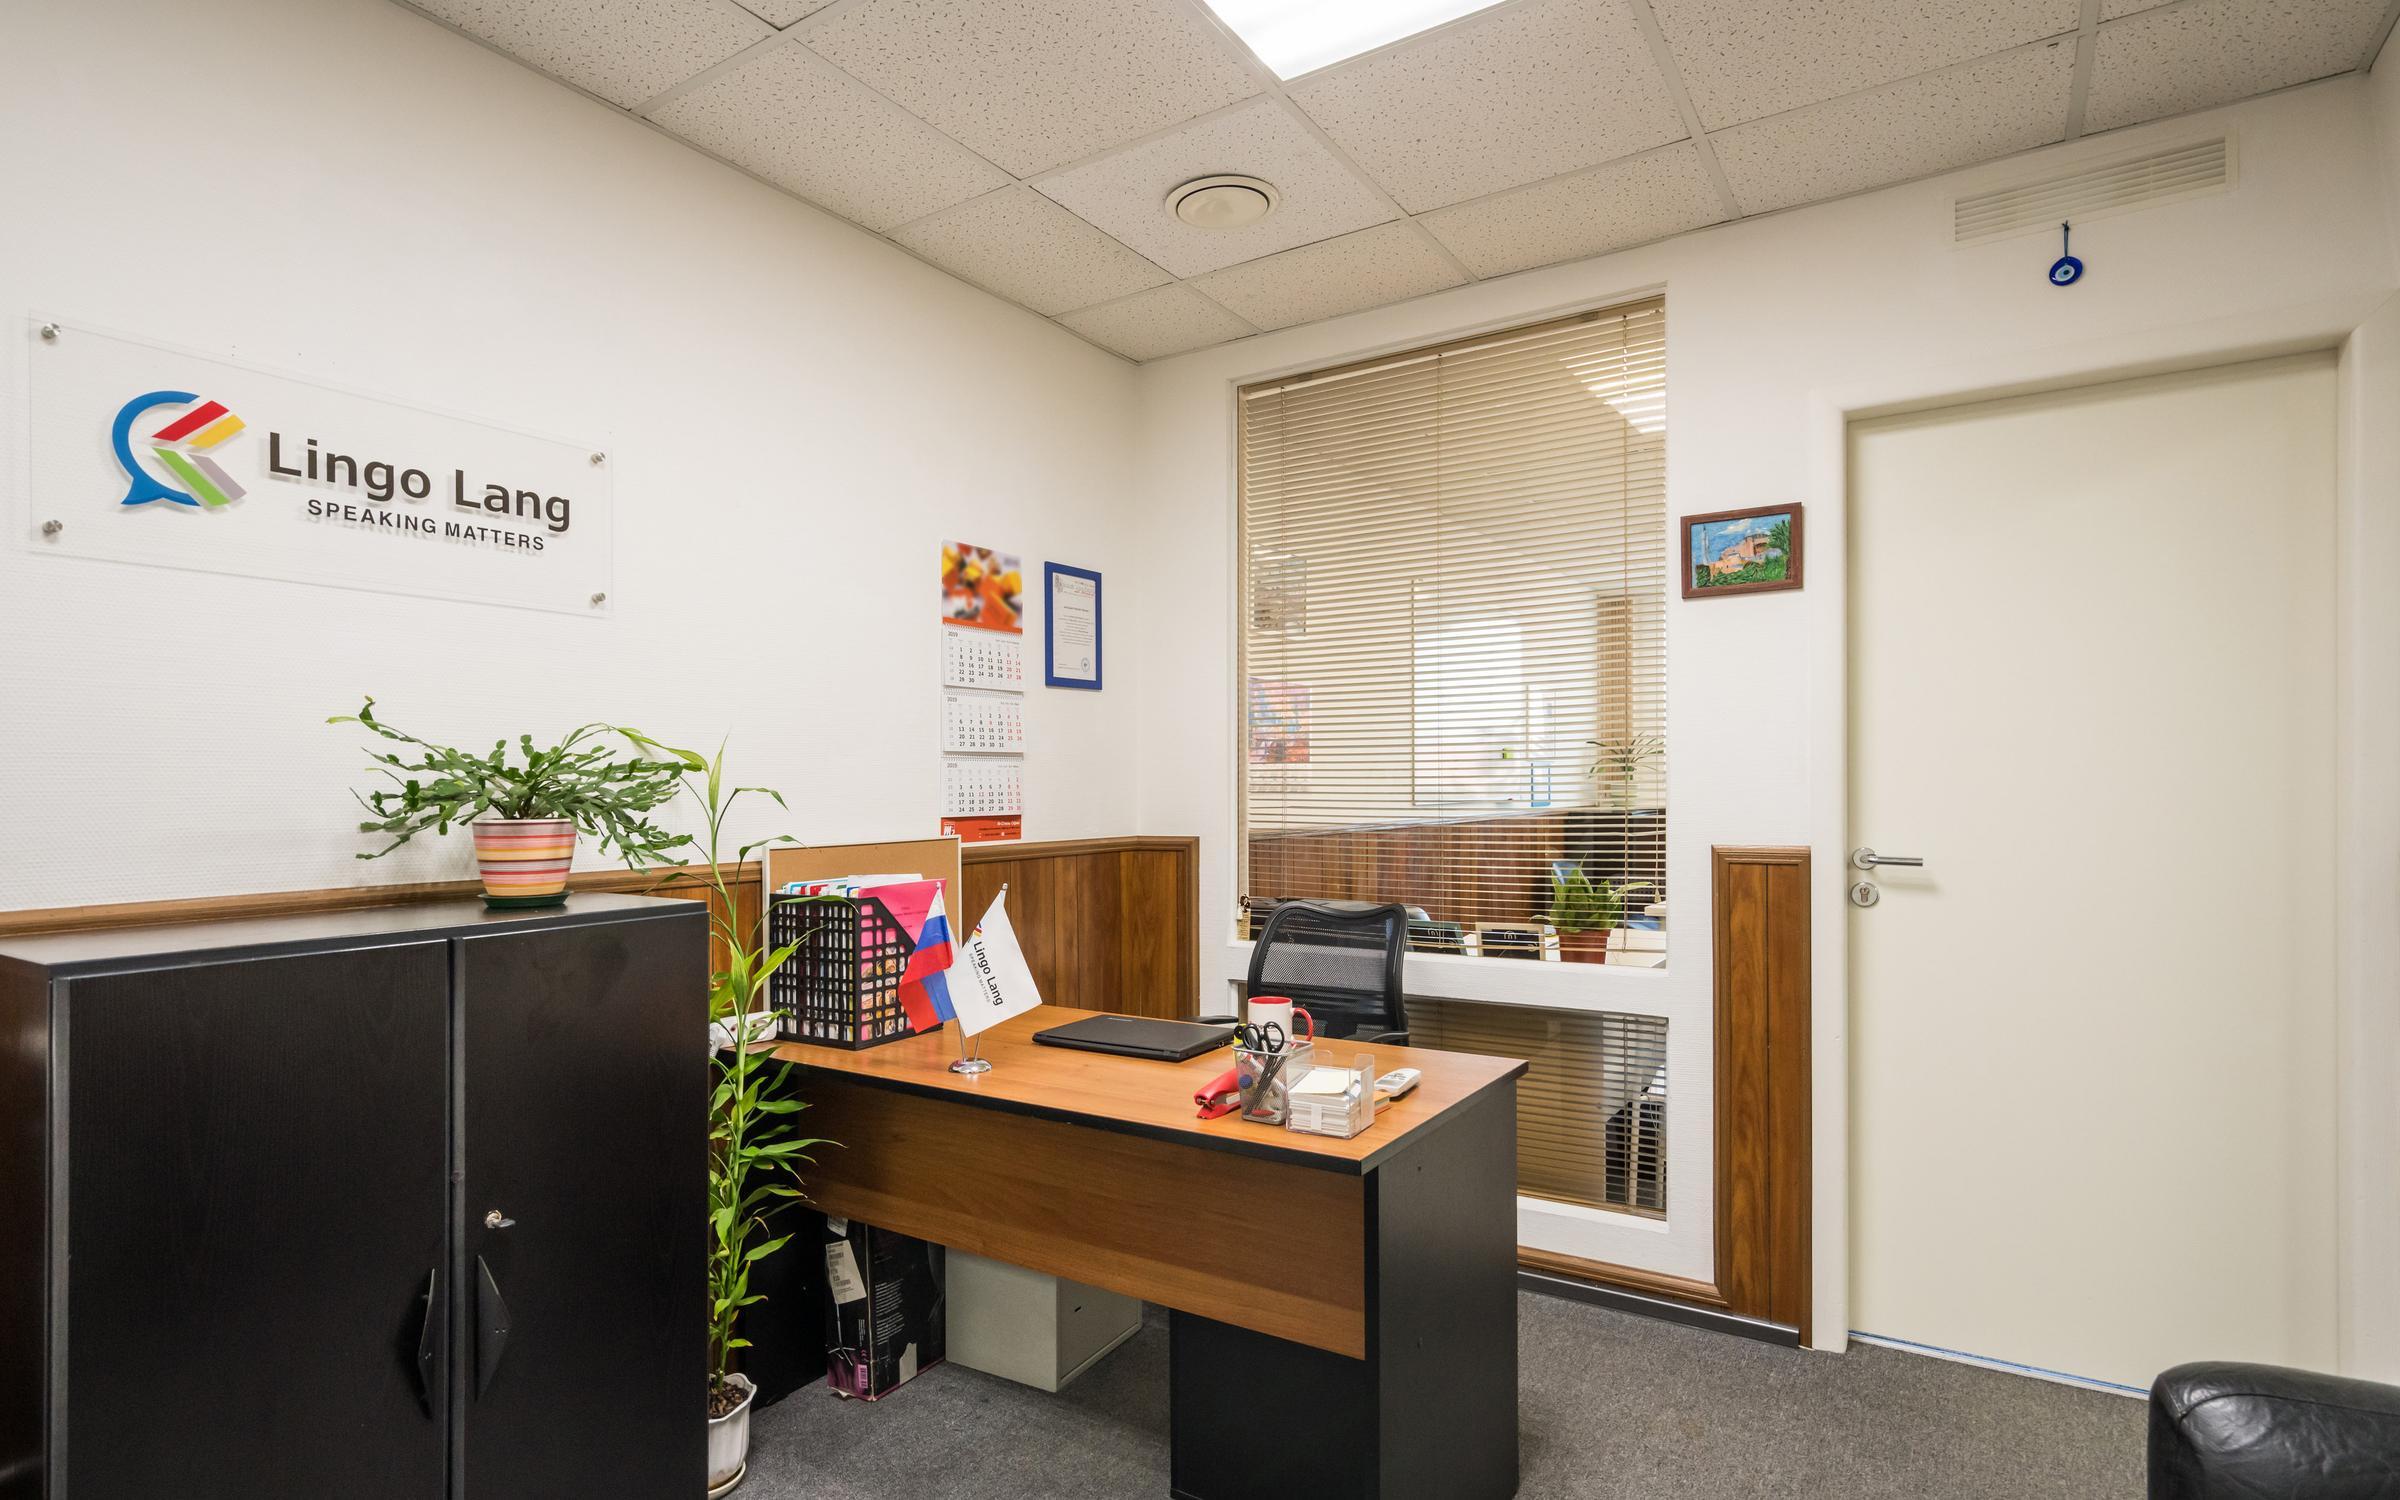 фотография Языковой центр с носителями языка Lingo Lang